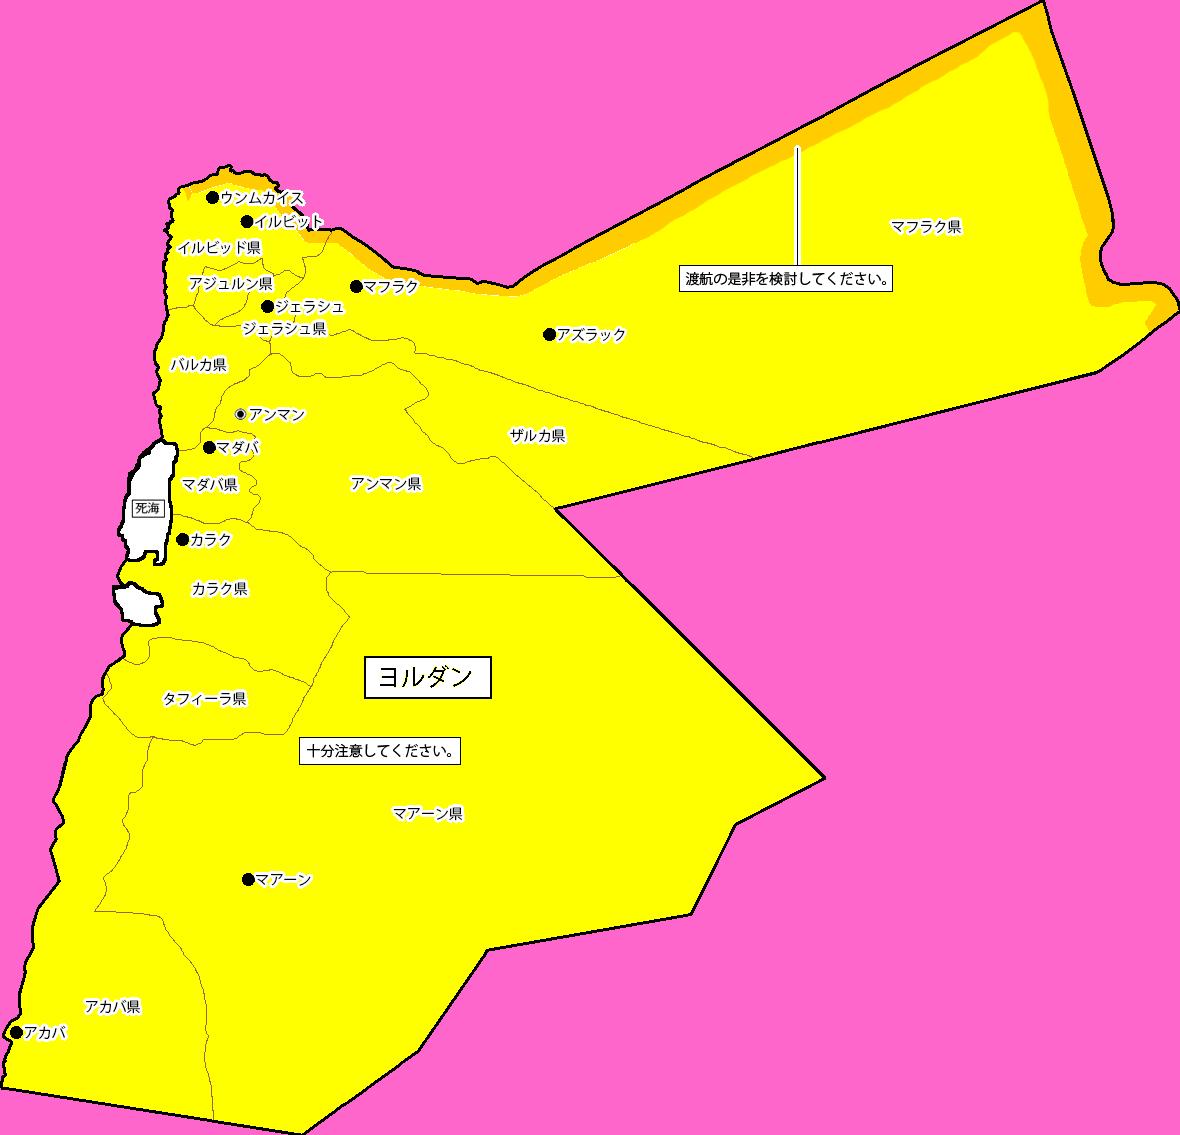 ヨルダンの渡航情報